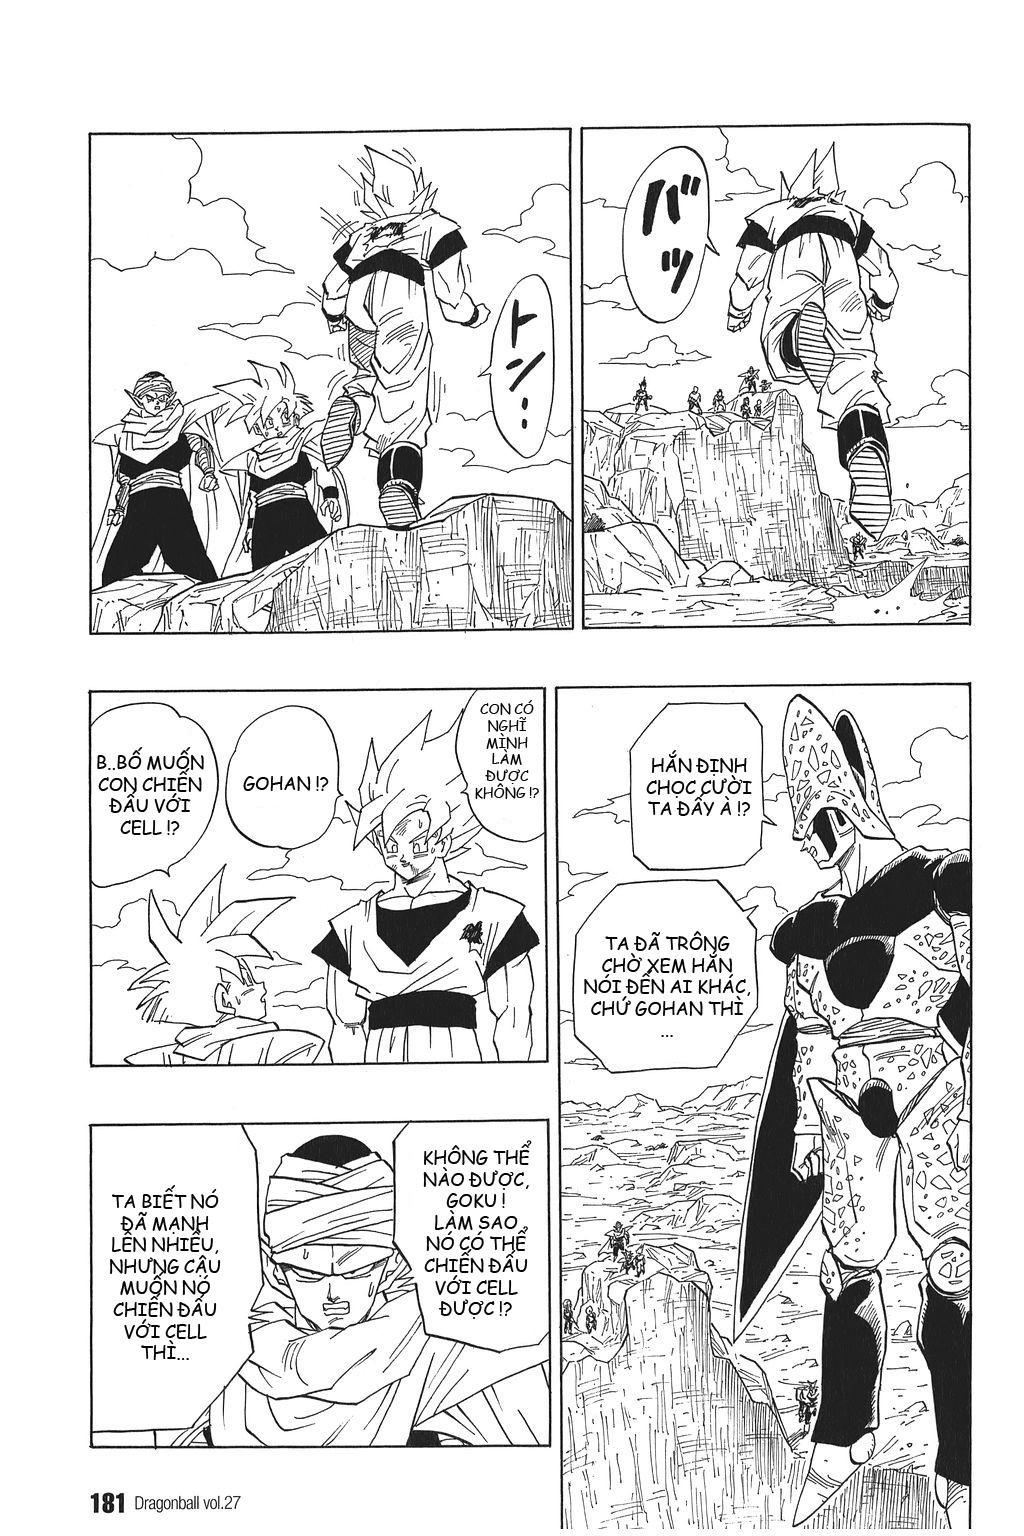 xem truyen moi - Dragon Ball Bản Vip - Bản Đẹp Nguyên Gốc Chap 403